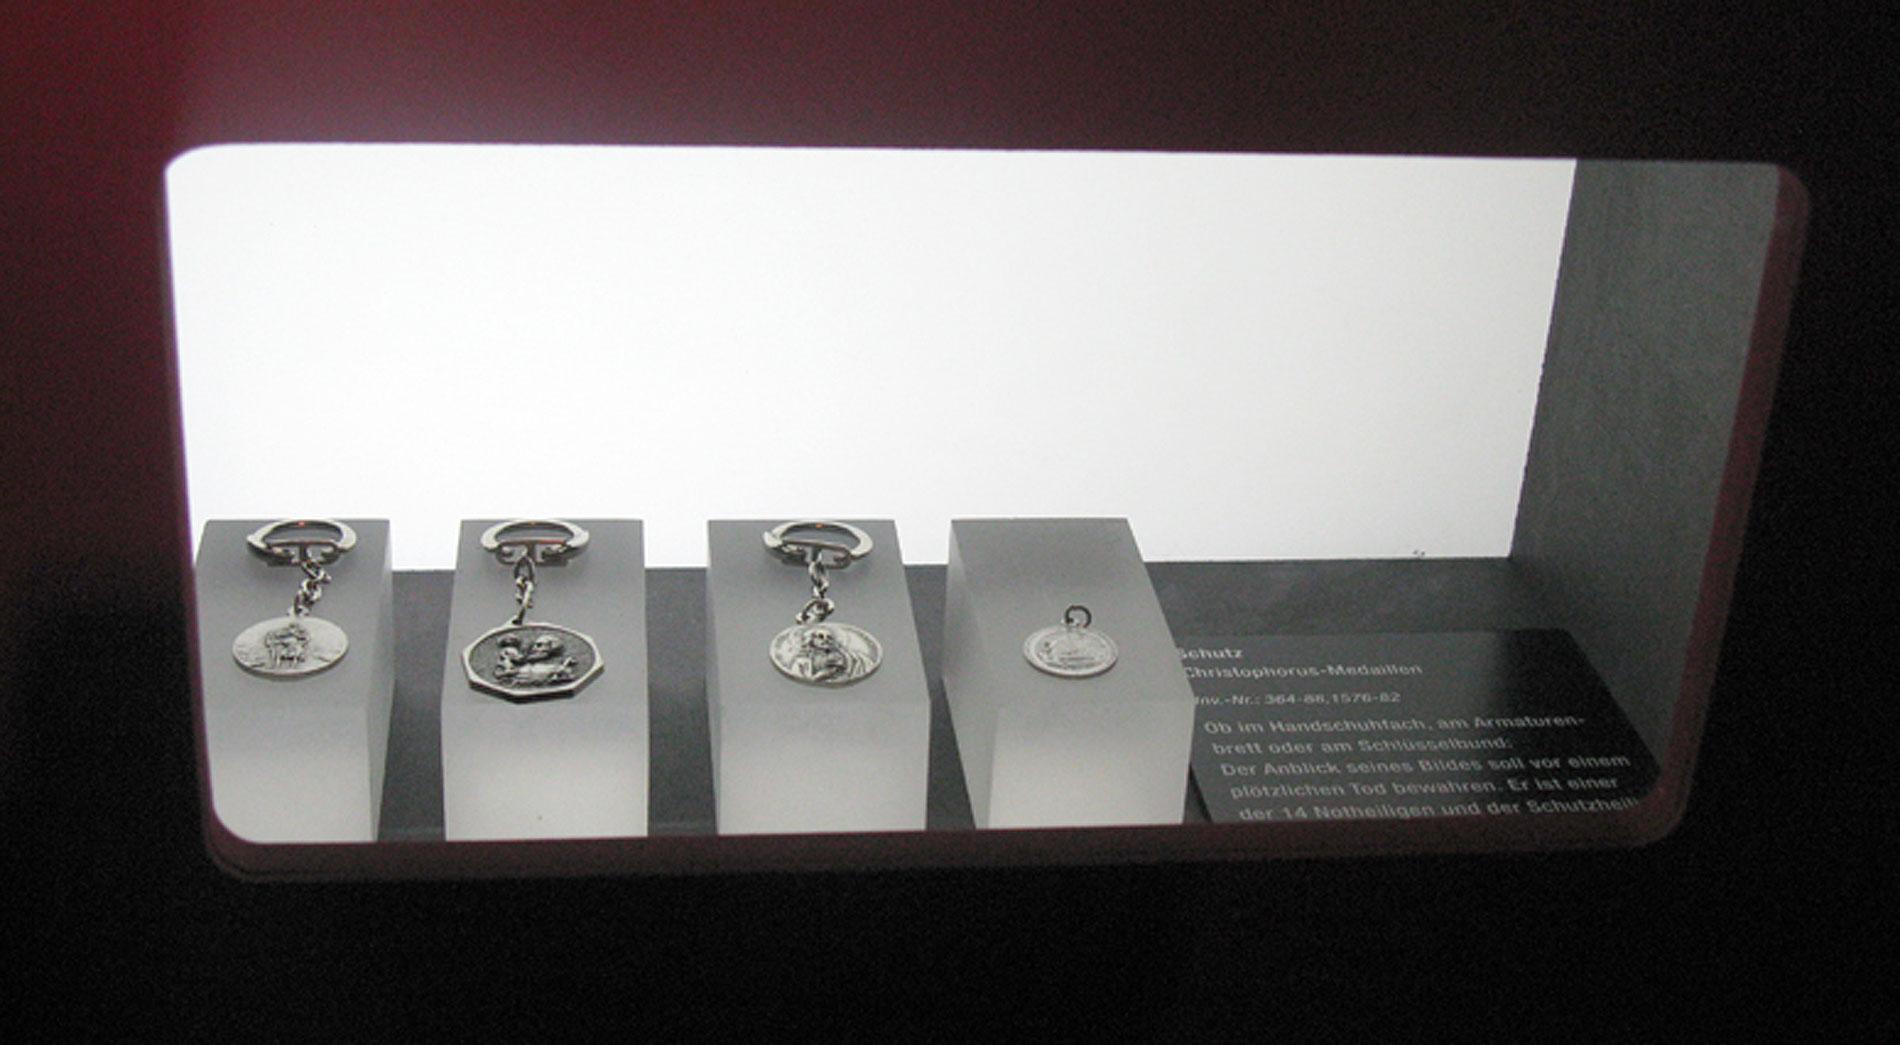 Glücksbringer, Mein erstes Fahrzeug, Freilichtmuseum Detmold